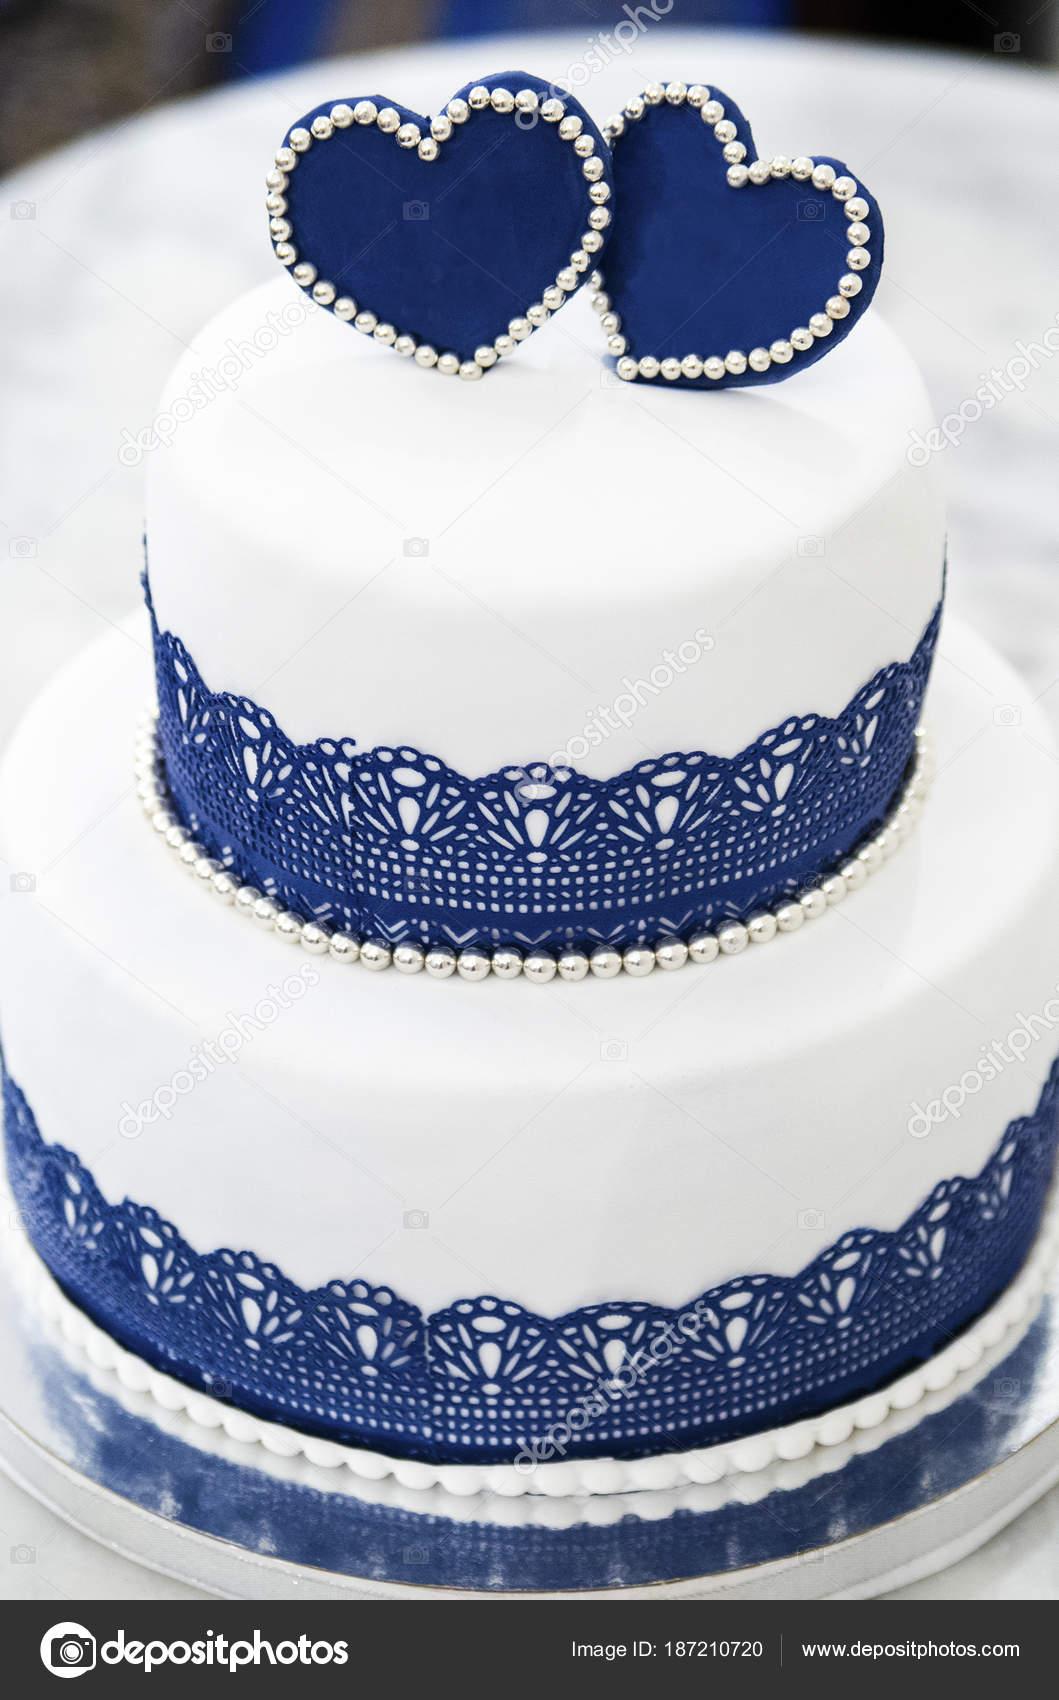 Weiss Blaue Hochzeitstorte Mit Herzen Stockfoto C Vyshnova 187210720